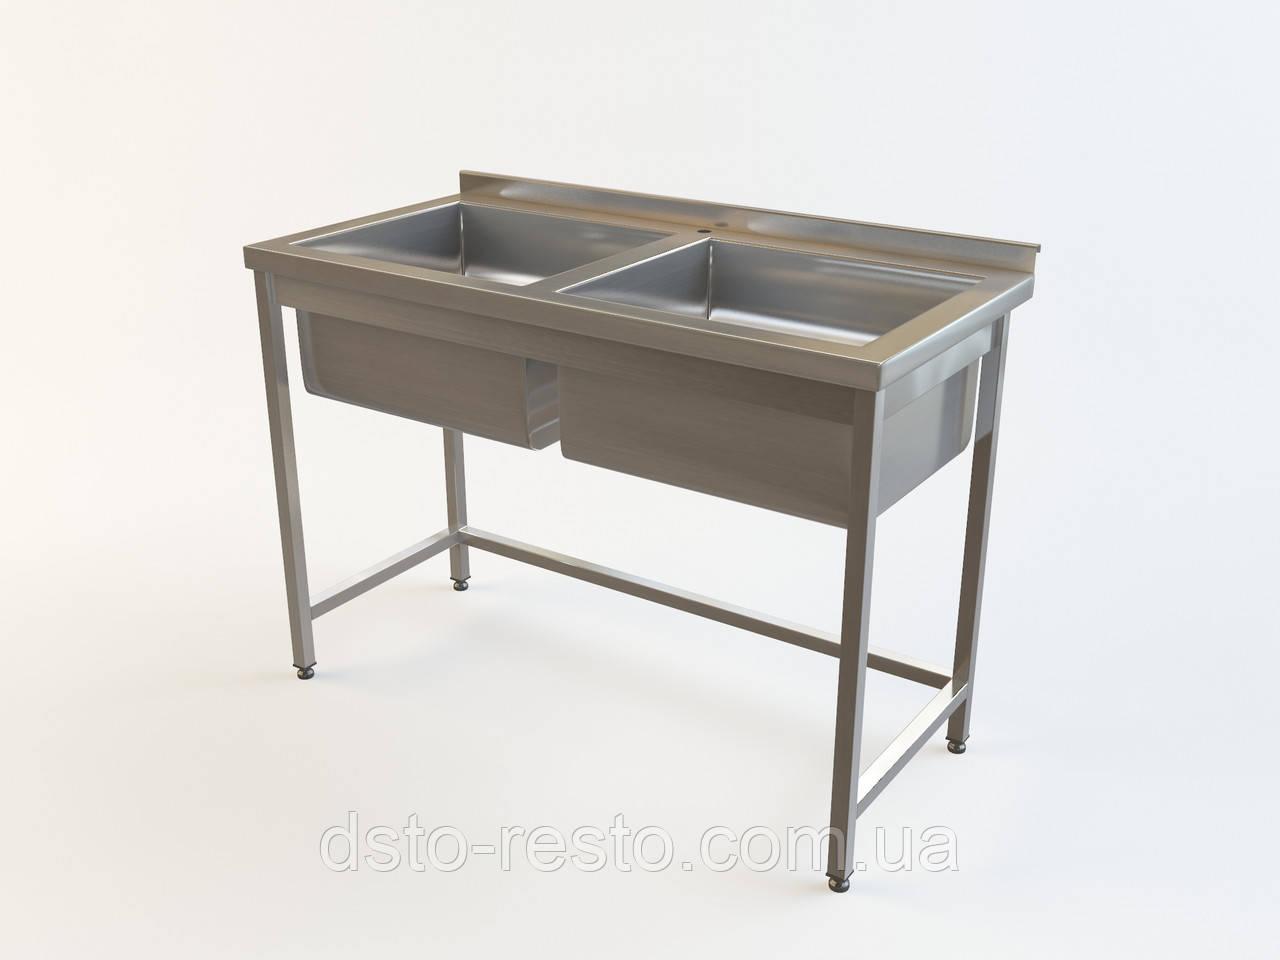 Ванна мийна 2-х секц. з бортом 1000/600/850 мм